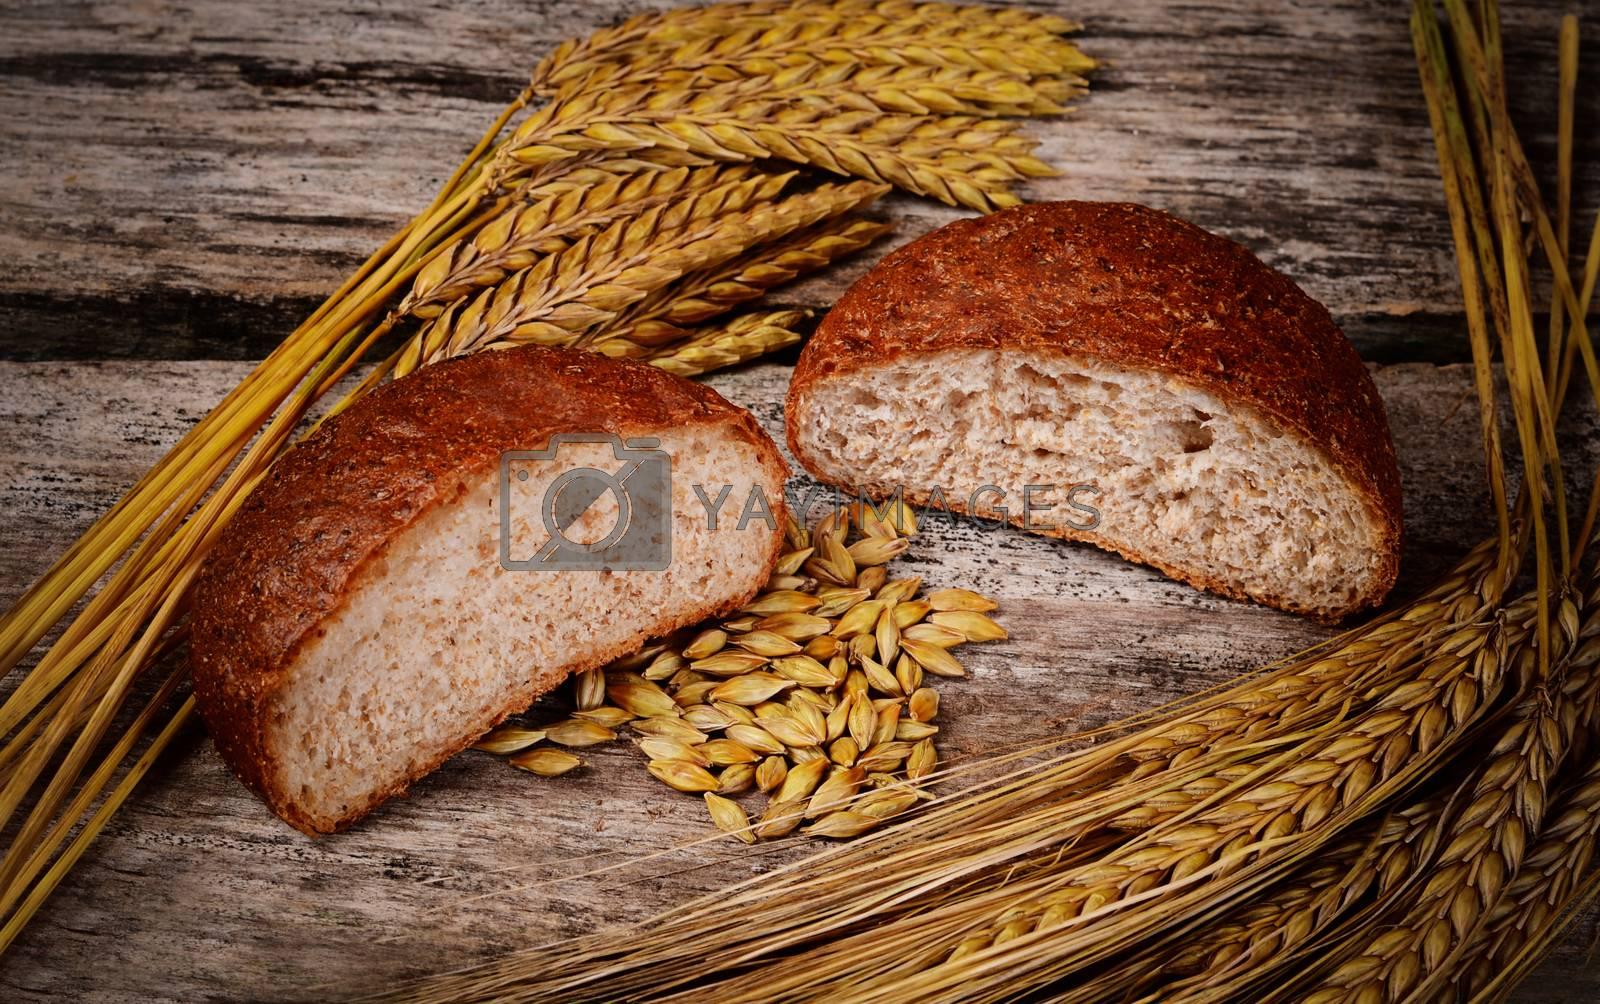 Fresh bread with ears a rye by SvetaVo